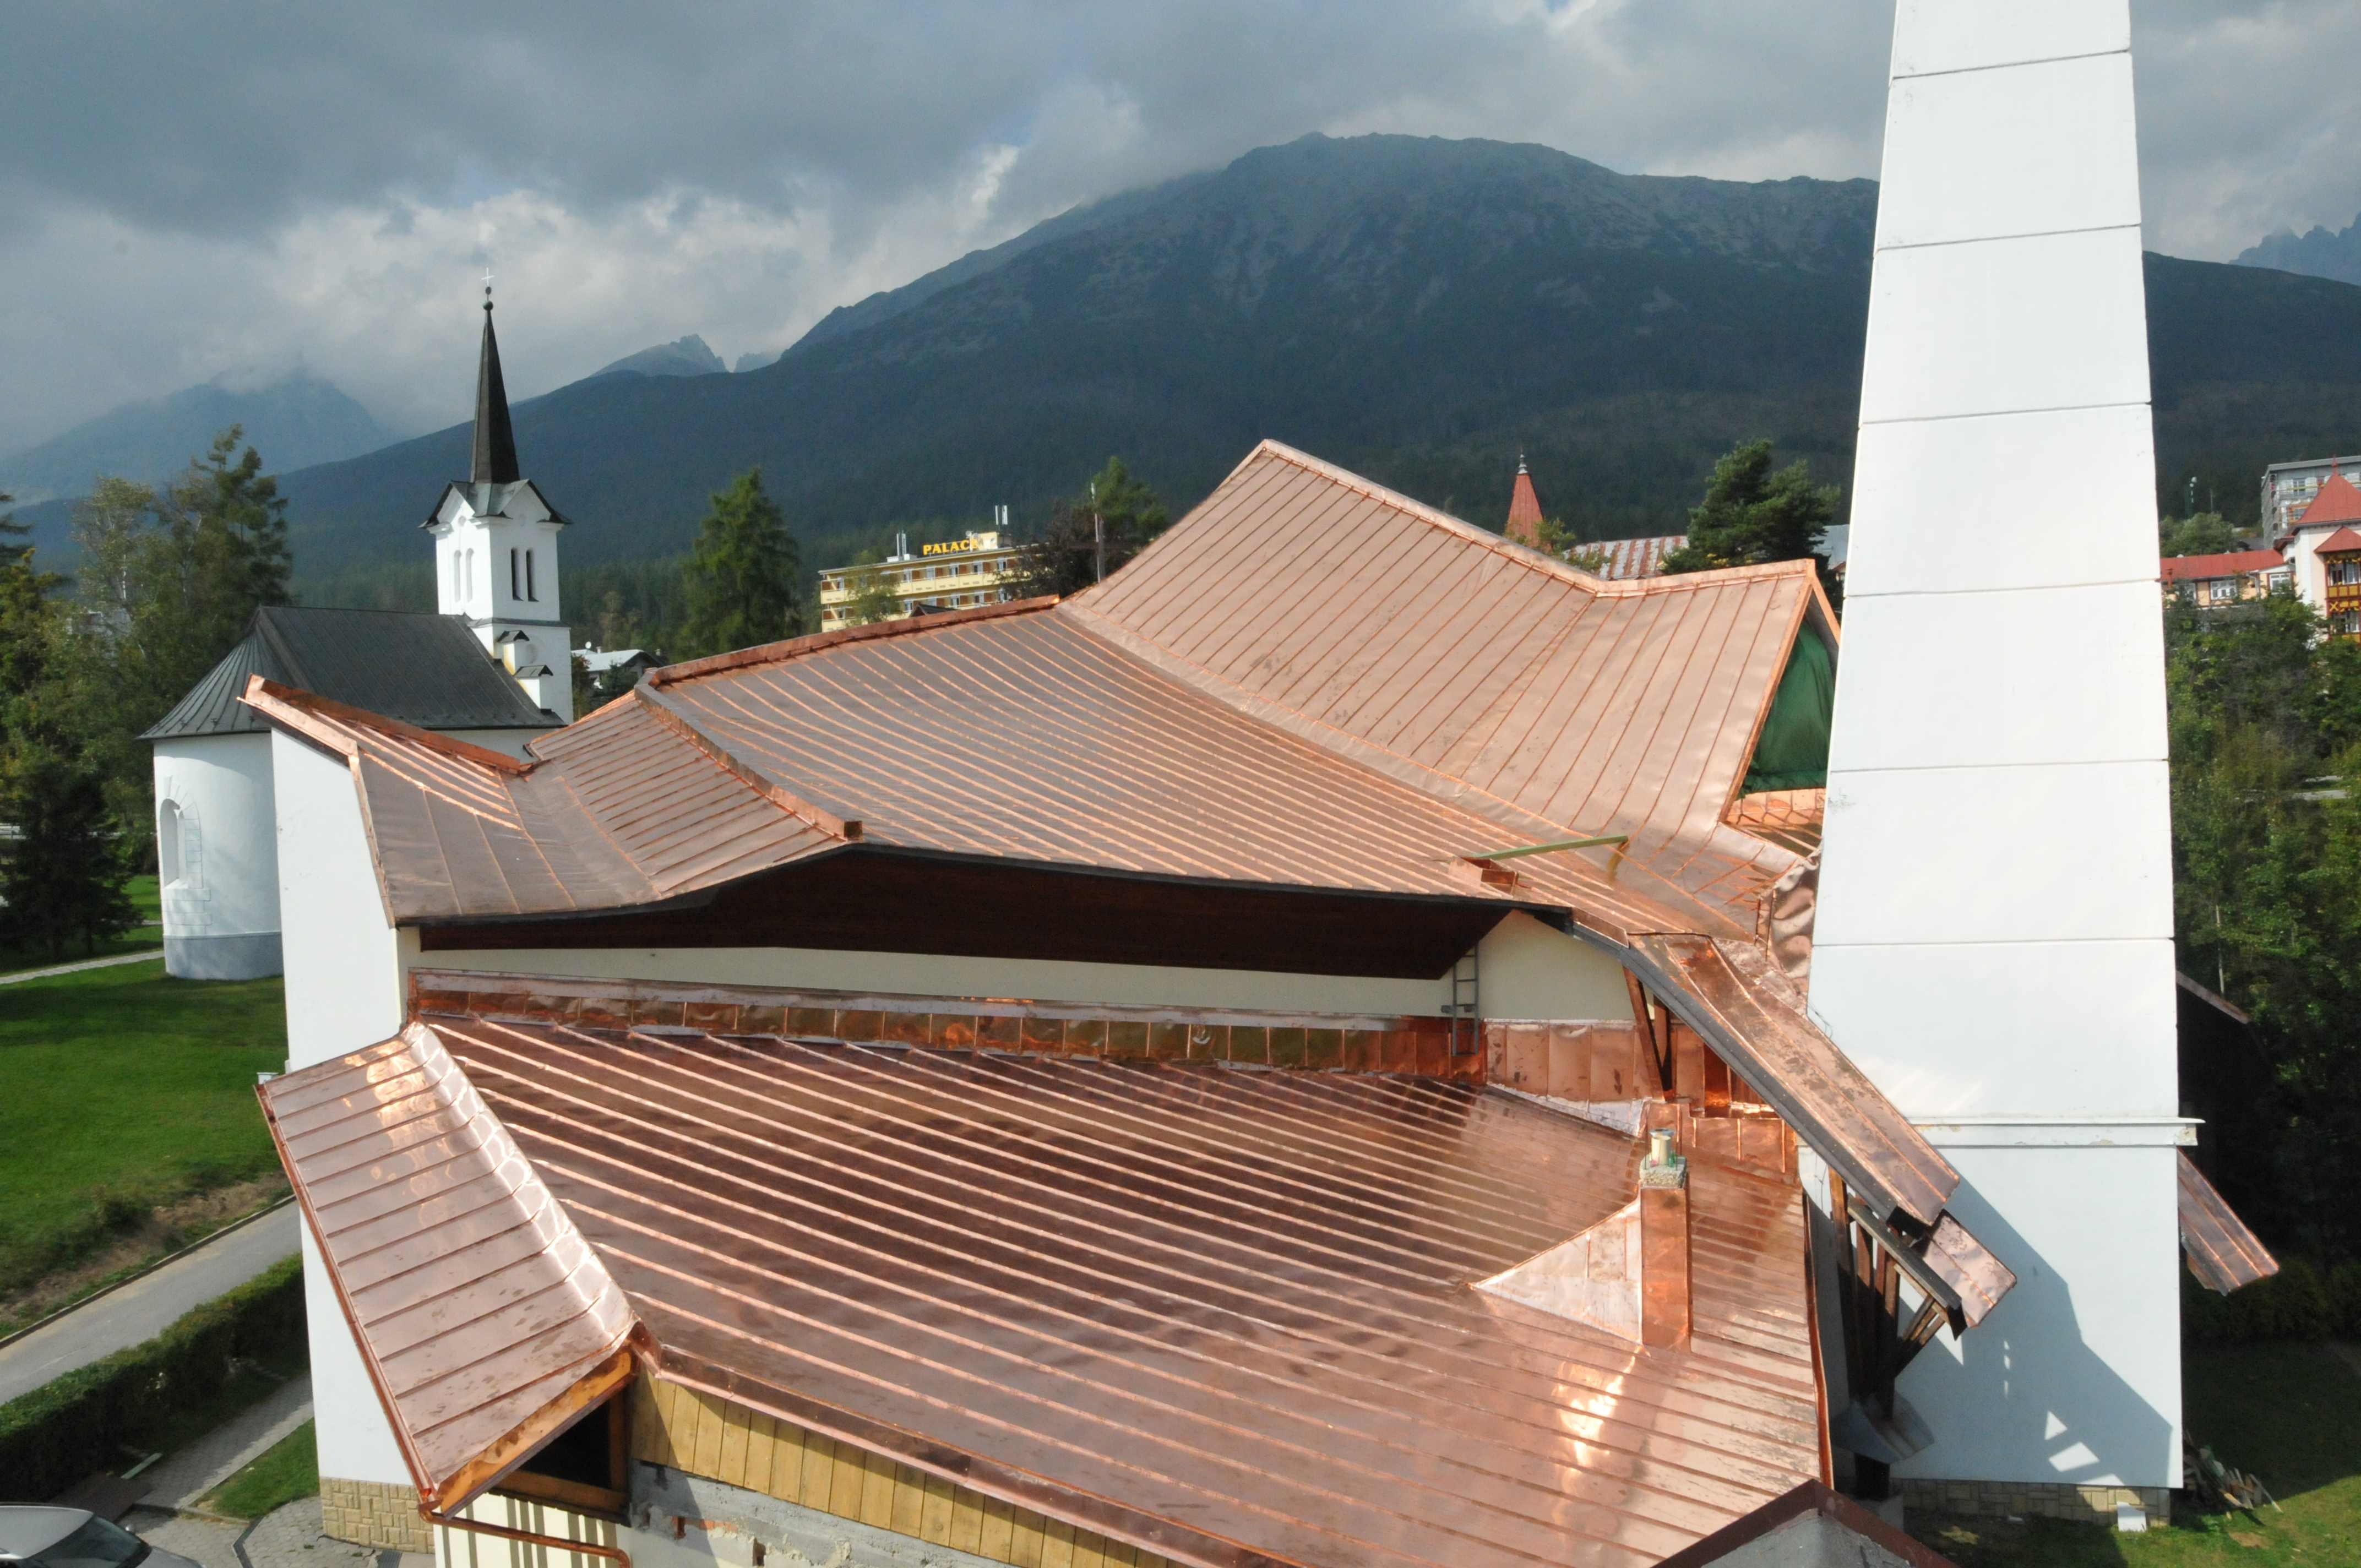 NOVÝ SMOKOVEC – Kostol sv. Petra a Pavla; Strecha